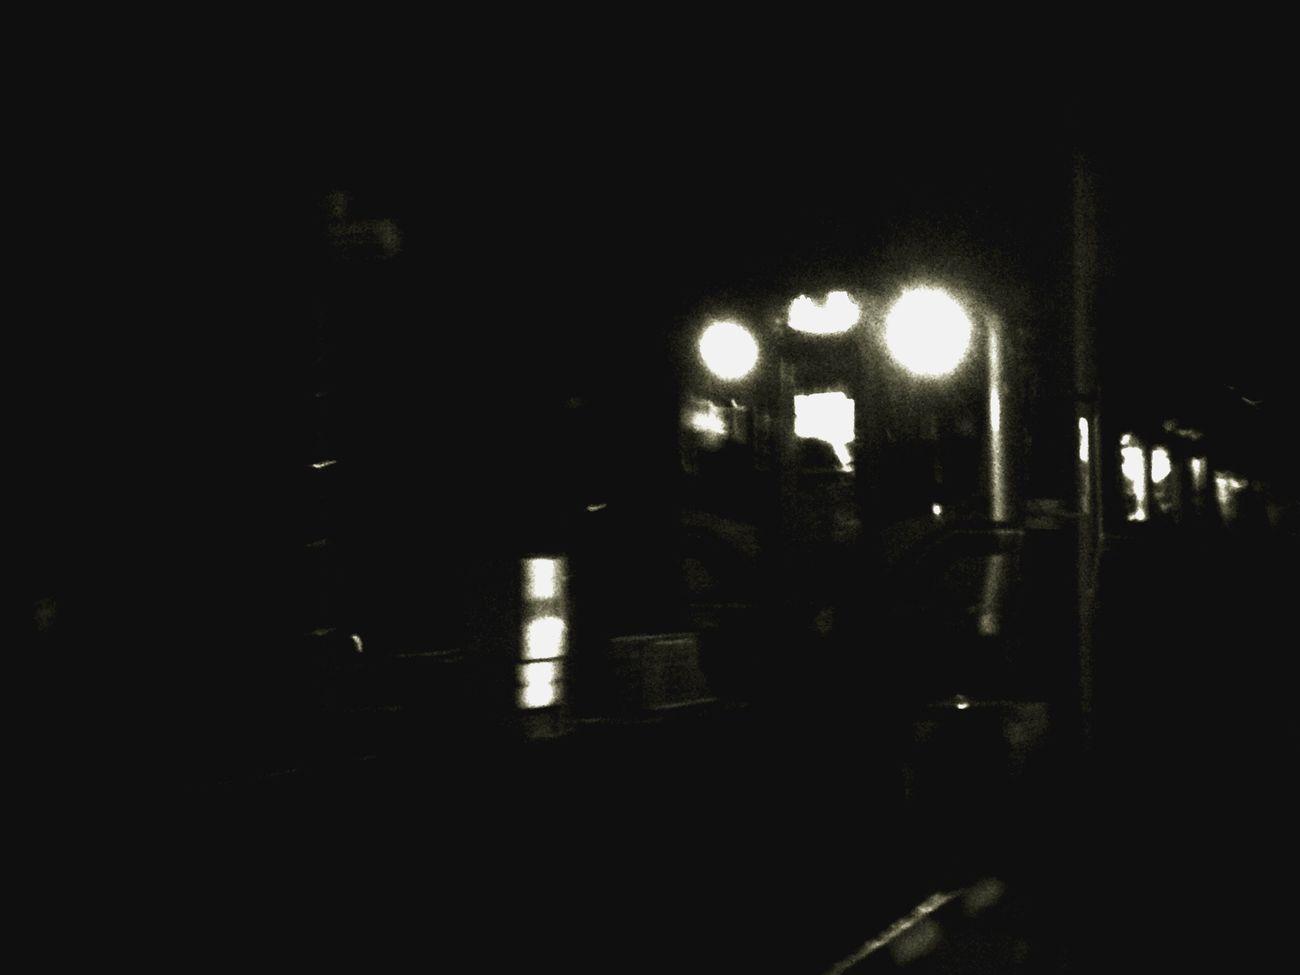 さぁっ!東京に帰省しますよぉ〜〜っ( ̄∇ ̄) Night Dark JR Senzan Line Homecoming Train Railroad Crossing Sendai Miyagi Go To Tokyo Hello World